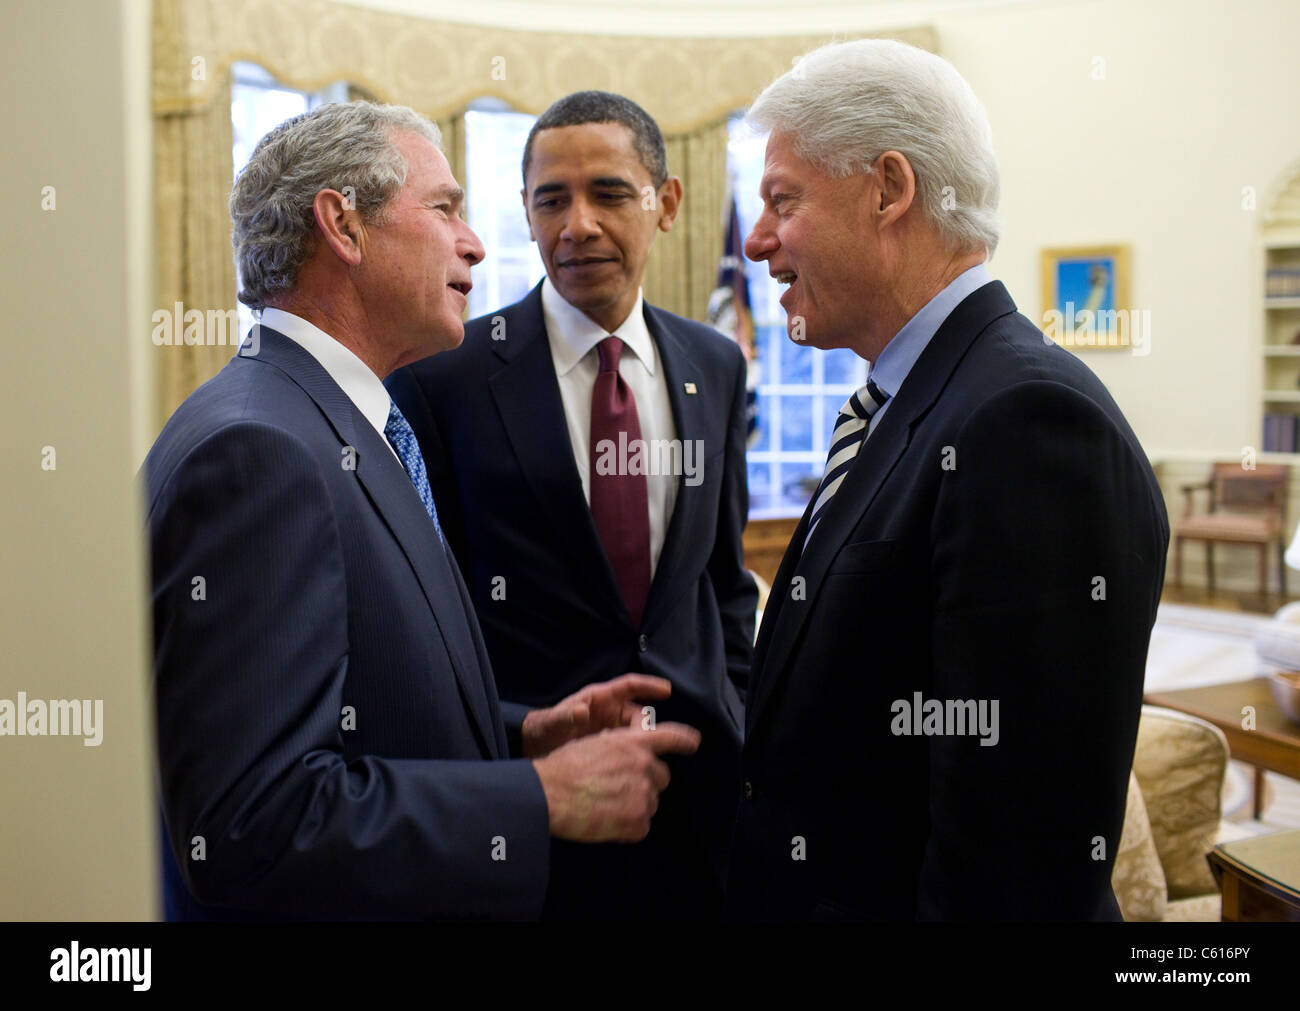 Präsident Obama hört ein Gespräch zwischen ehemaligen Präsidenten Bill Clinton und Bush nach Stockbild